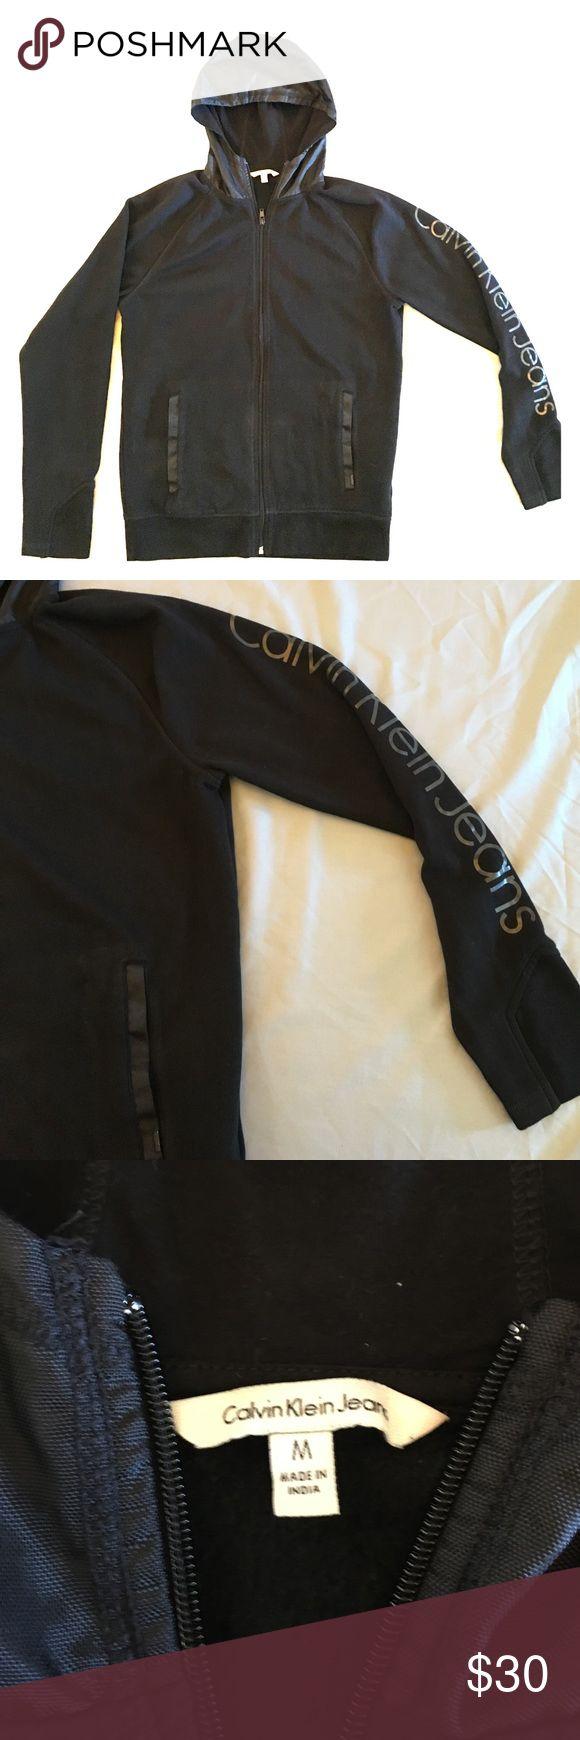 ⭐️Men's Calvin Klein hooded black sweatshirt⭐️ Men's Calvin Klein size medium hooded black sweatshirt in excellent condition. Calvin Klein Jeans Sweaters Zip Up